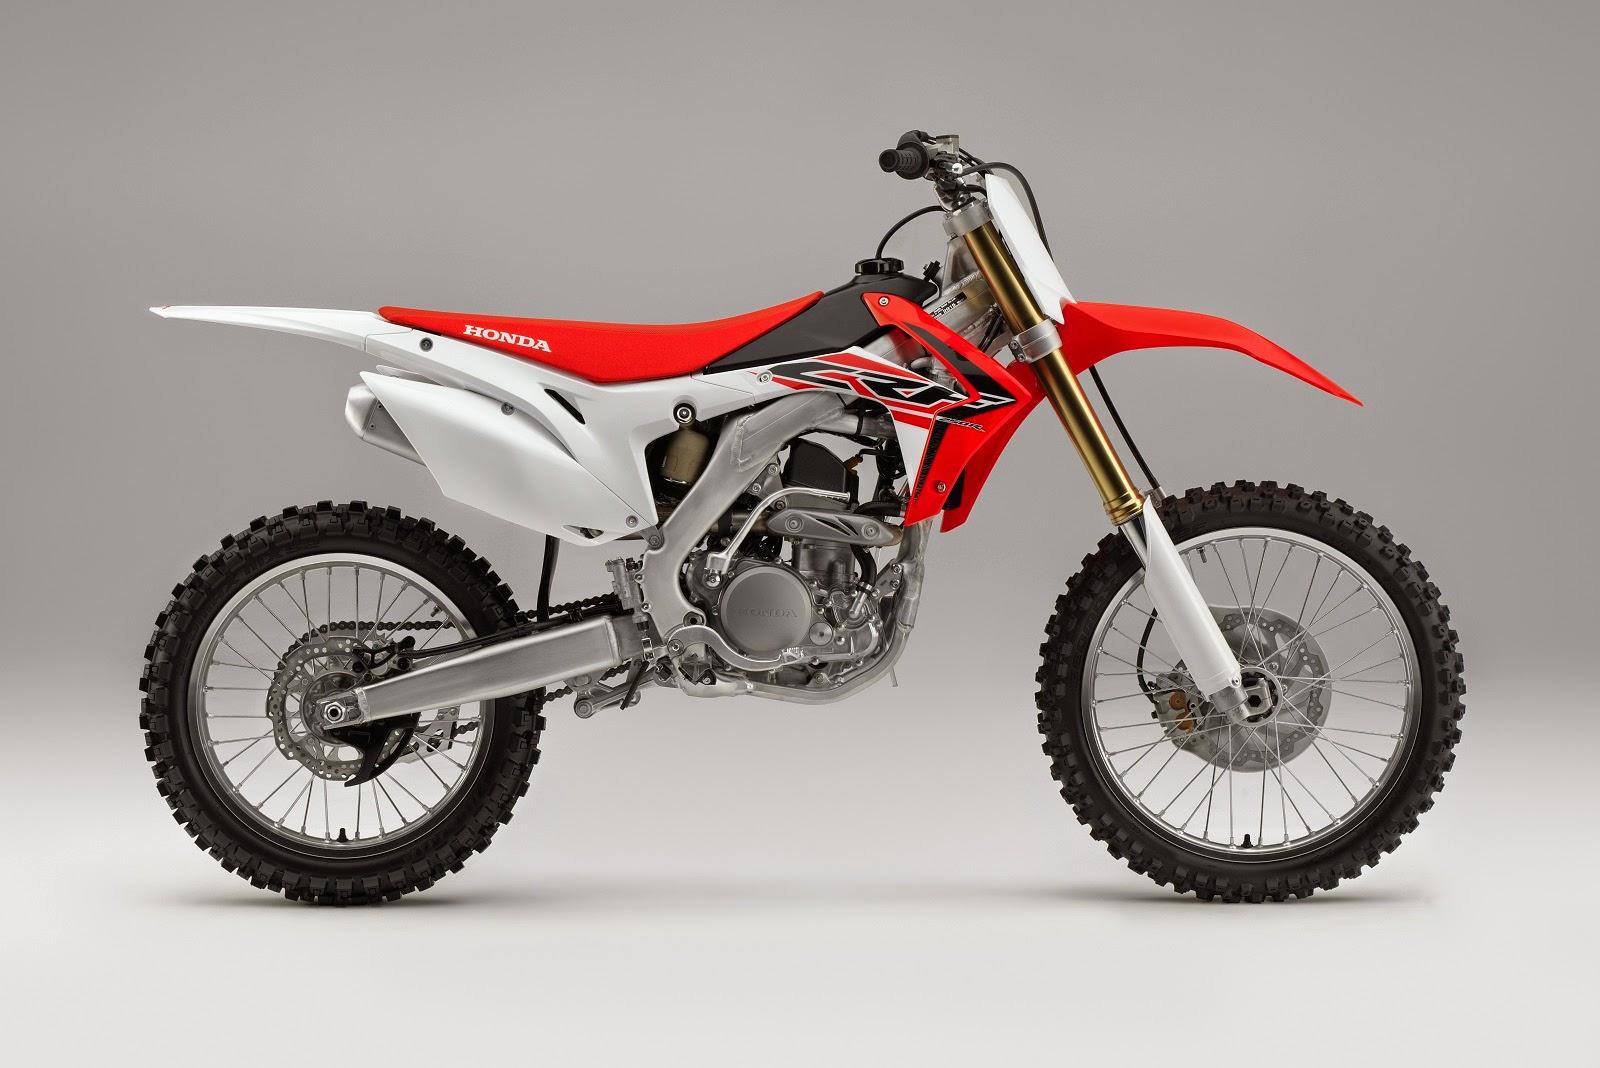 2015 Honda Crf250r Motocross Bike Chassis  Car Reviews